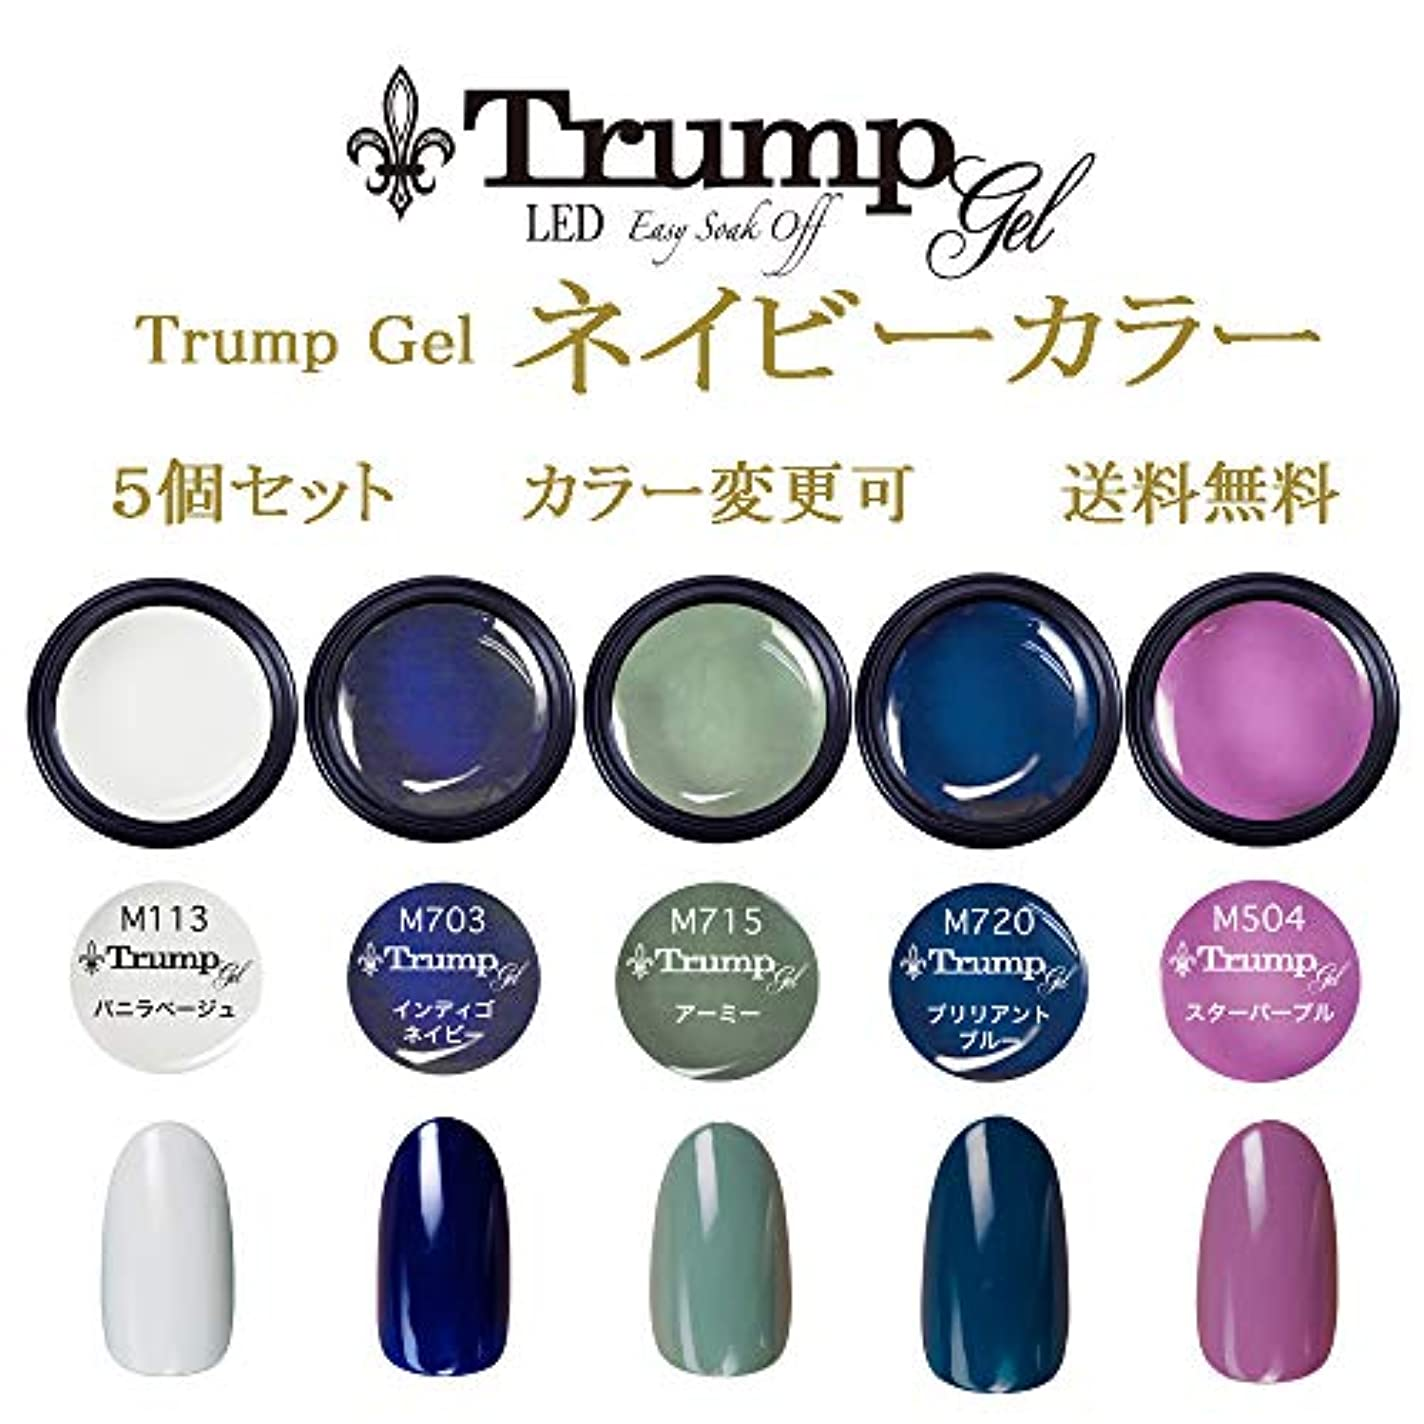 お尻集団的指標日本製 Trump gel トランプジェル ネイビーカラー 選べる カラージェル 5個セット ホワイト ブルー ネイビー パープル カーキ グリーン